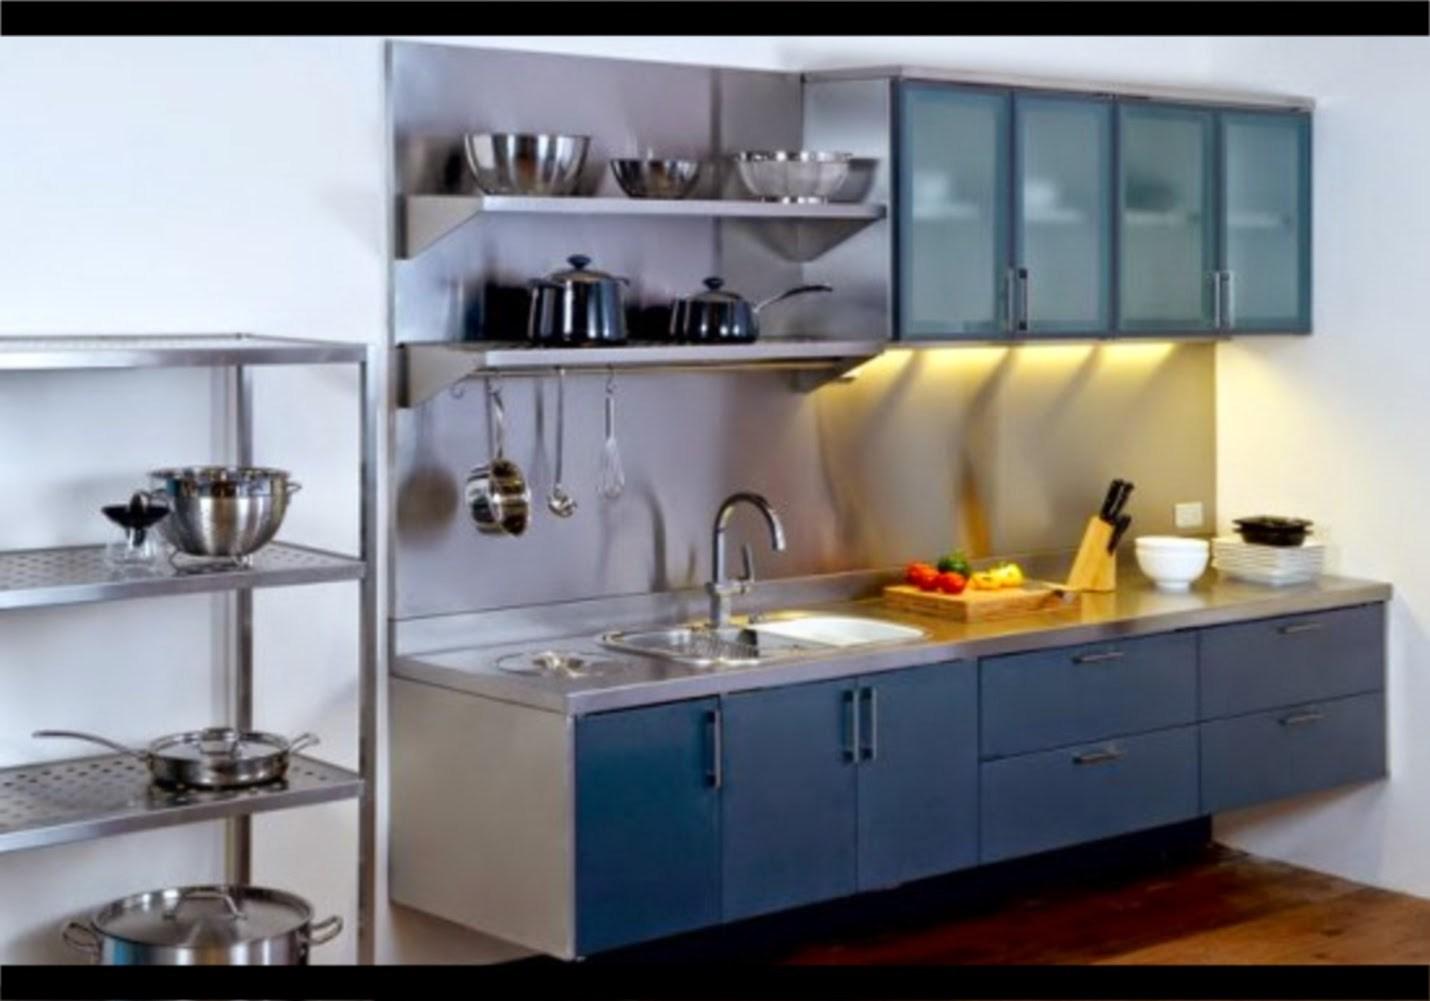 Masprast Kitchen Set Minimalis Cakep Keren Serasi 085216881144